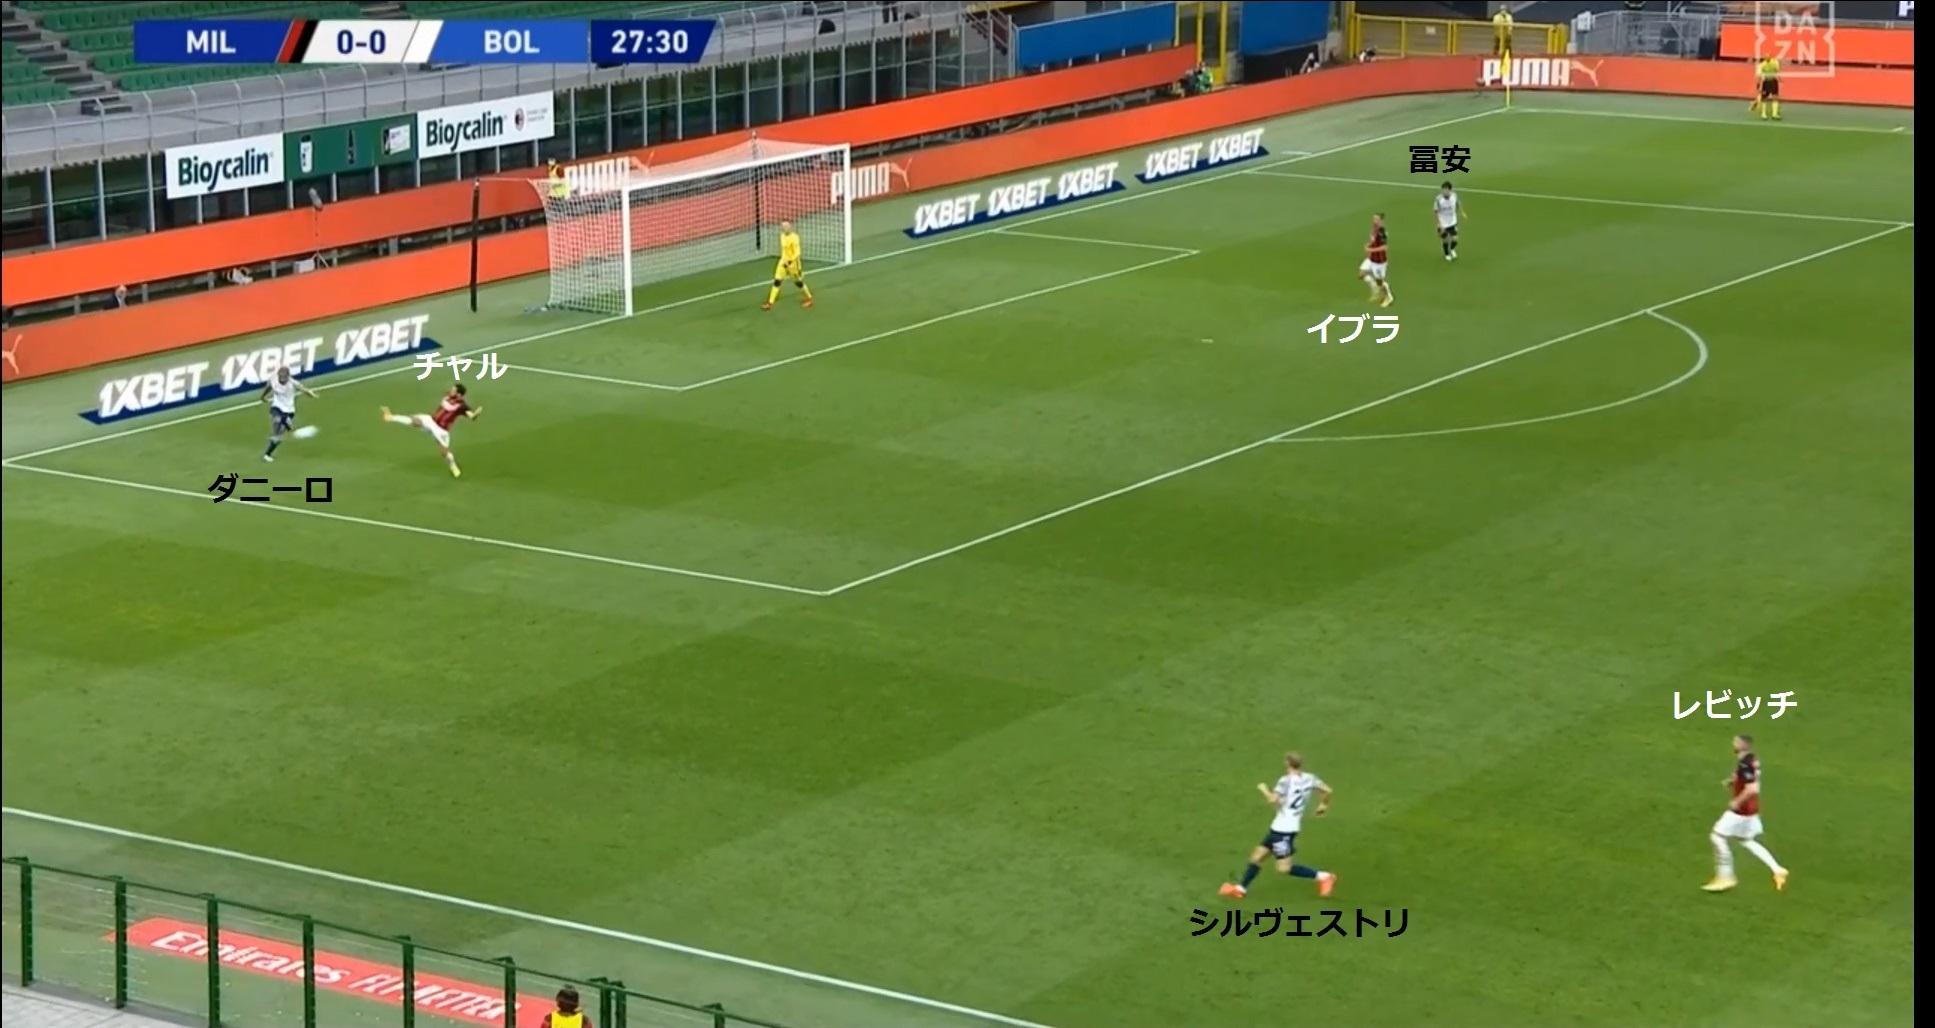 【20-21】ミラン対ボローニャ3